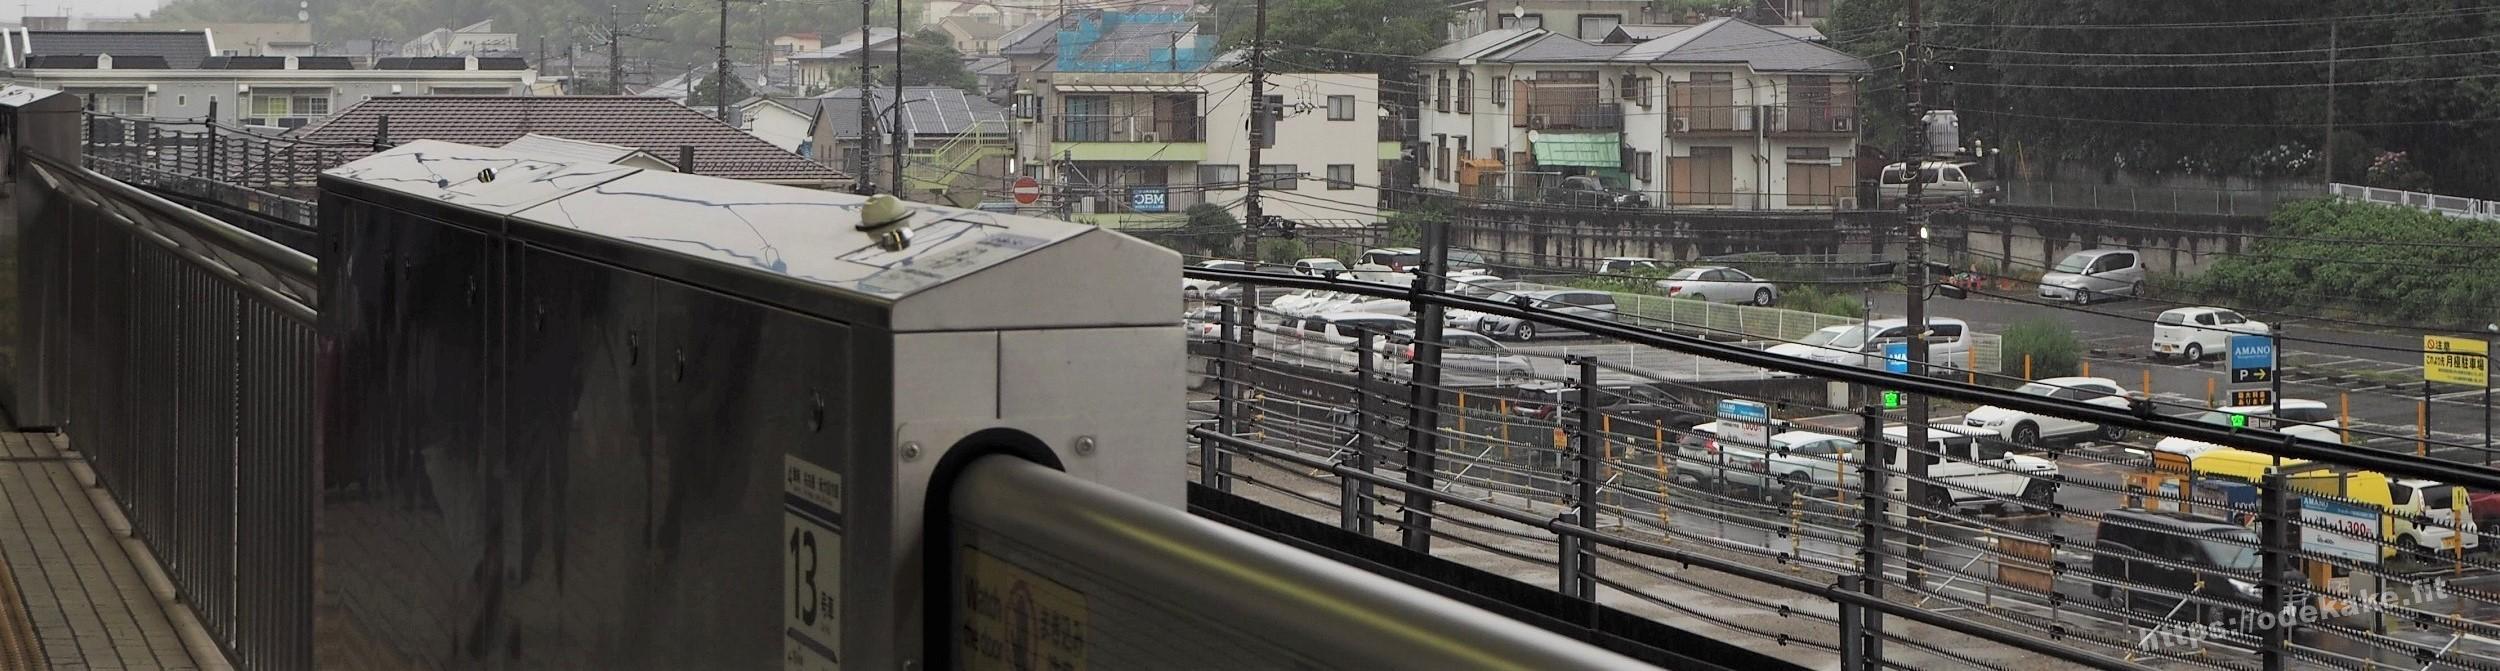 【日帰り名古屋】日帰り1day行っトクか!名古屋でお得な旅に行ってきたよ